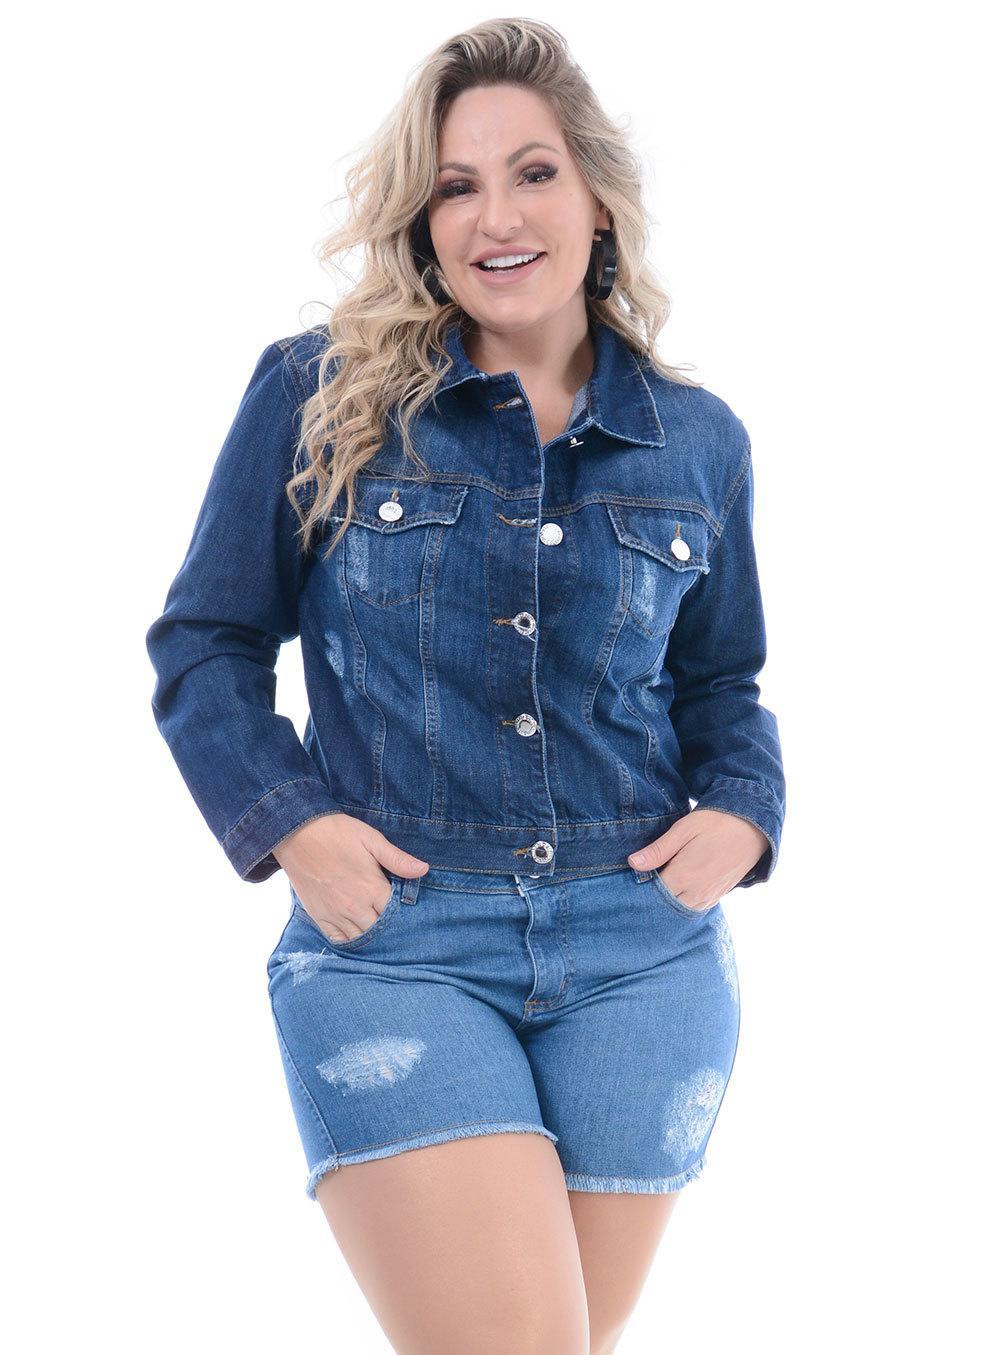 Jaqueta Jeans Attribute Escura